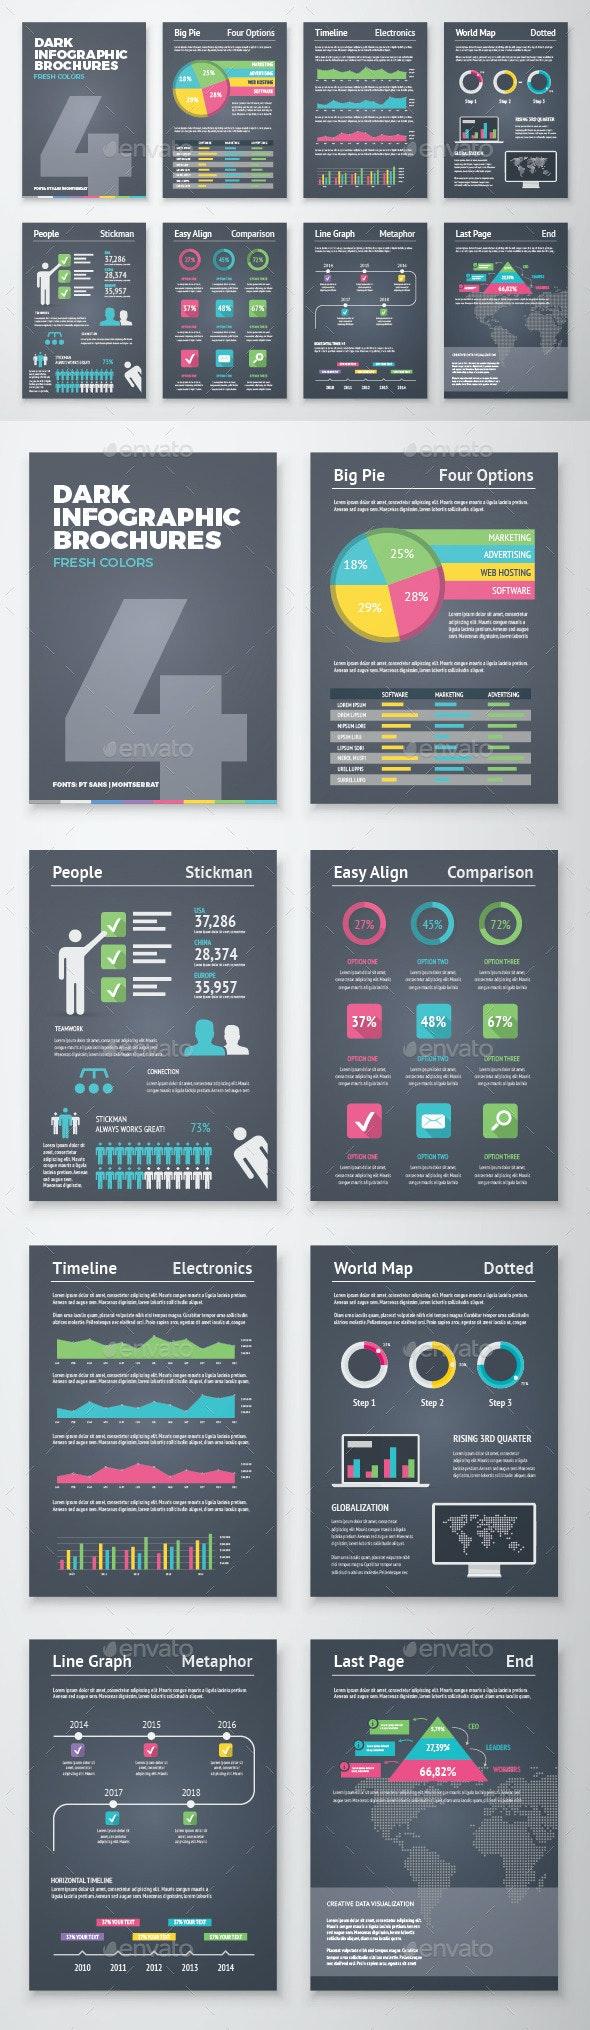 Dark Infographic Brochure Vector Elements Kit 4 - Infographics